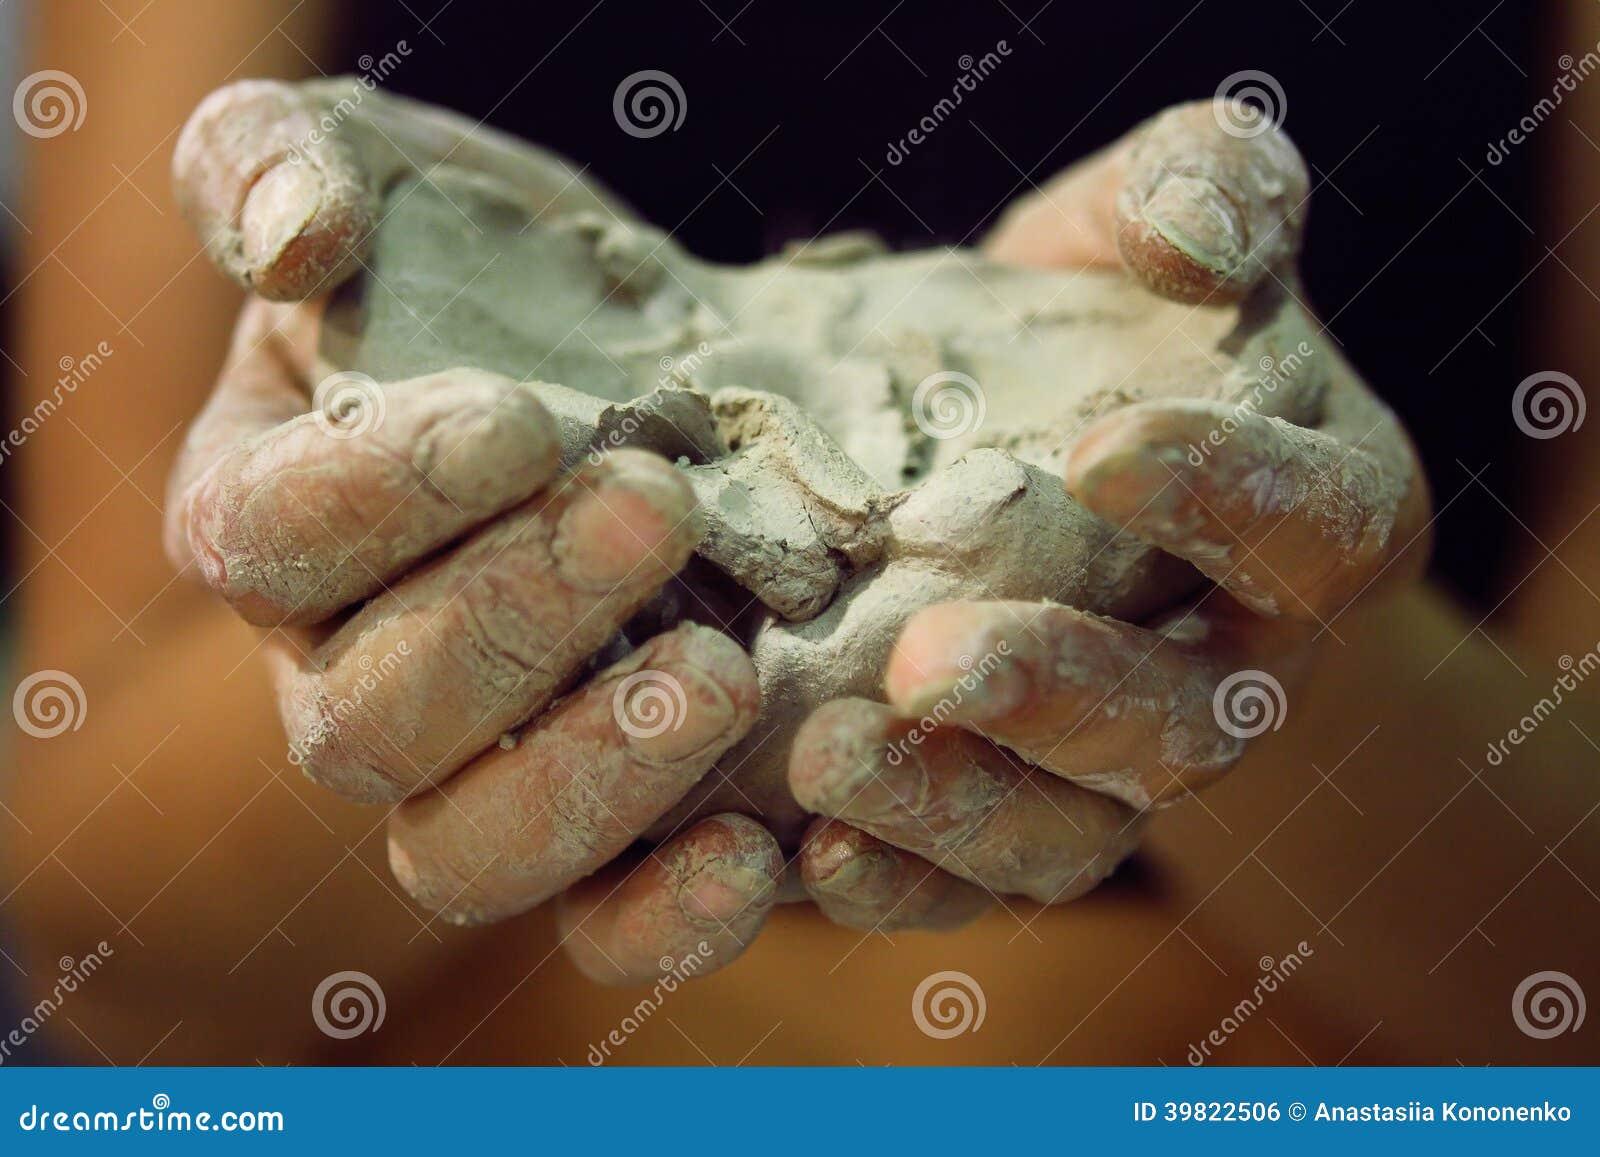 Ακατέργαστος άργιλος στα χέρια των γυναικών